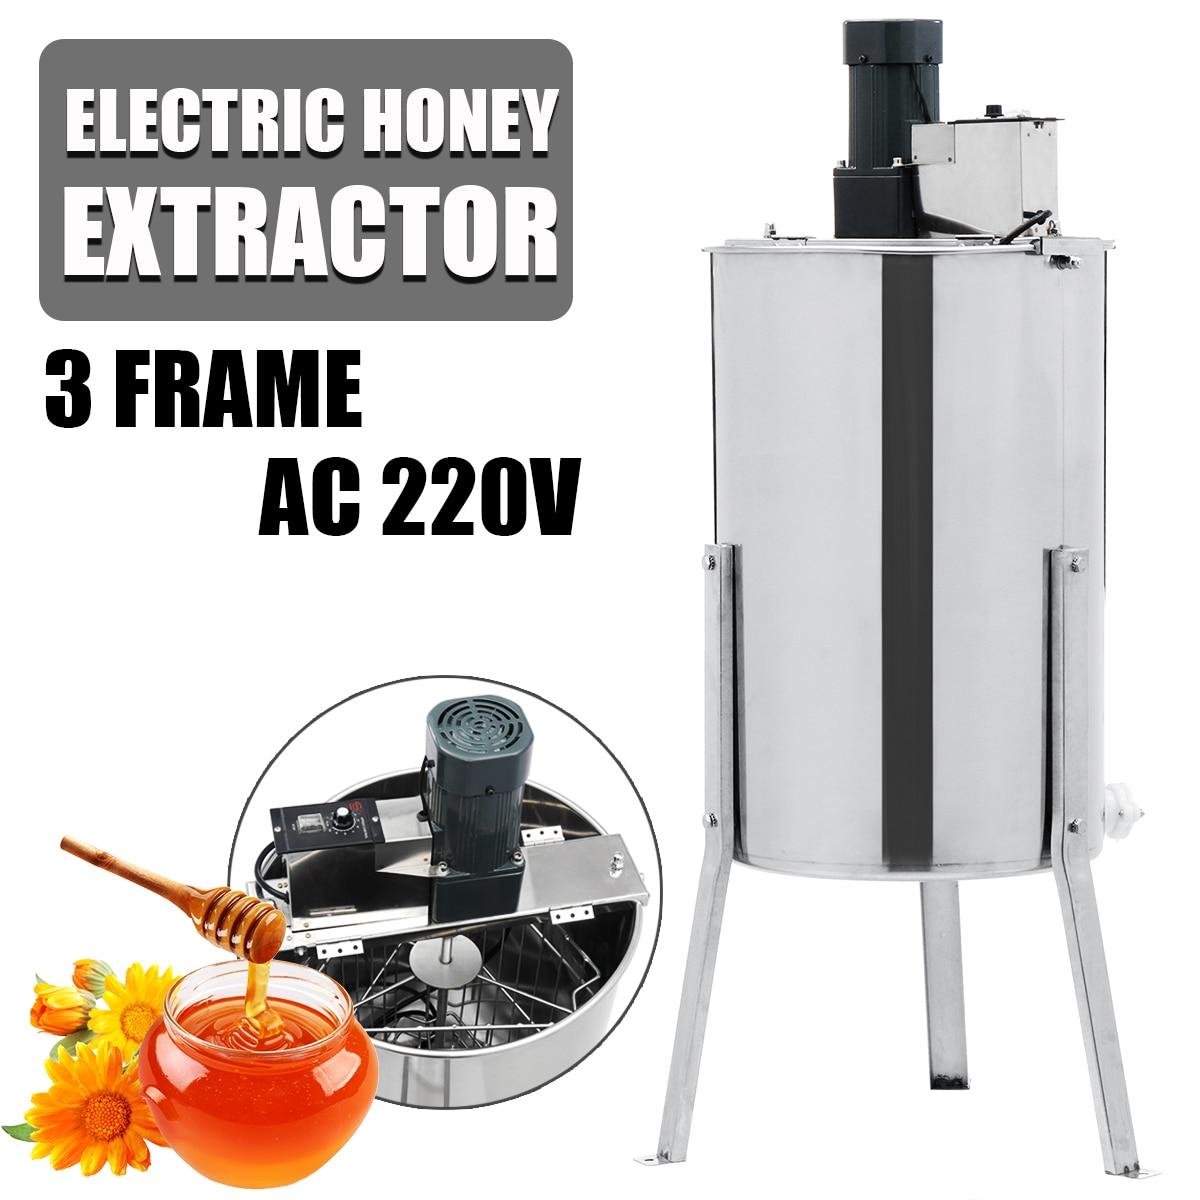 3 quadro Extrator de Mel Elétrica de Aço Inoxidável Caixa de Ferramenta De Máquina Extrator de Mel Fornece Equipamentos de Apicultura Apicultura